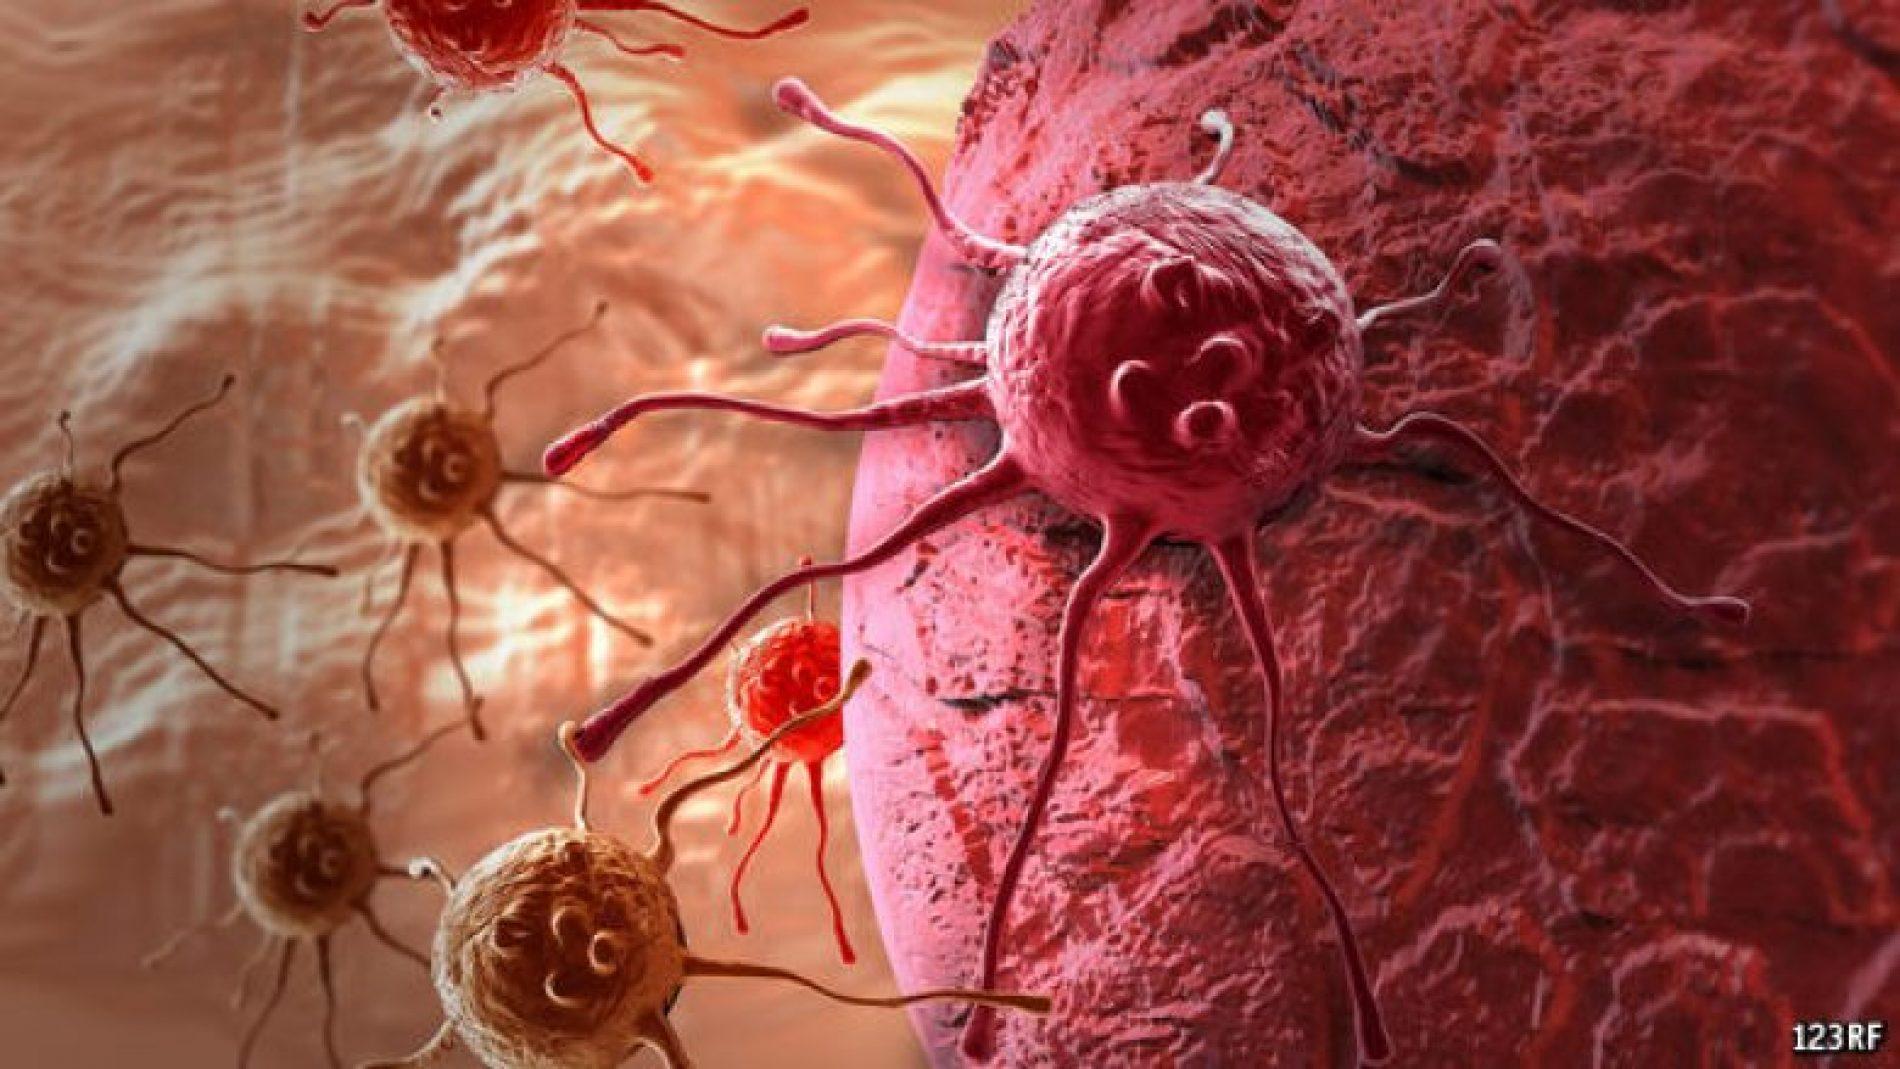 """Shpjegon """"The Economist"""": Përse nuk është zbuluar kura kundër kancerit?"""